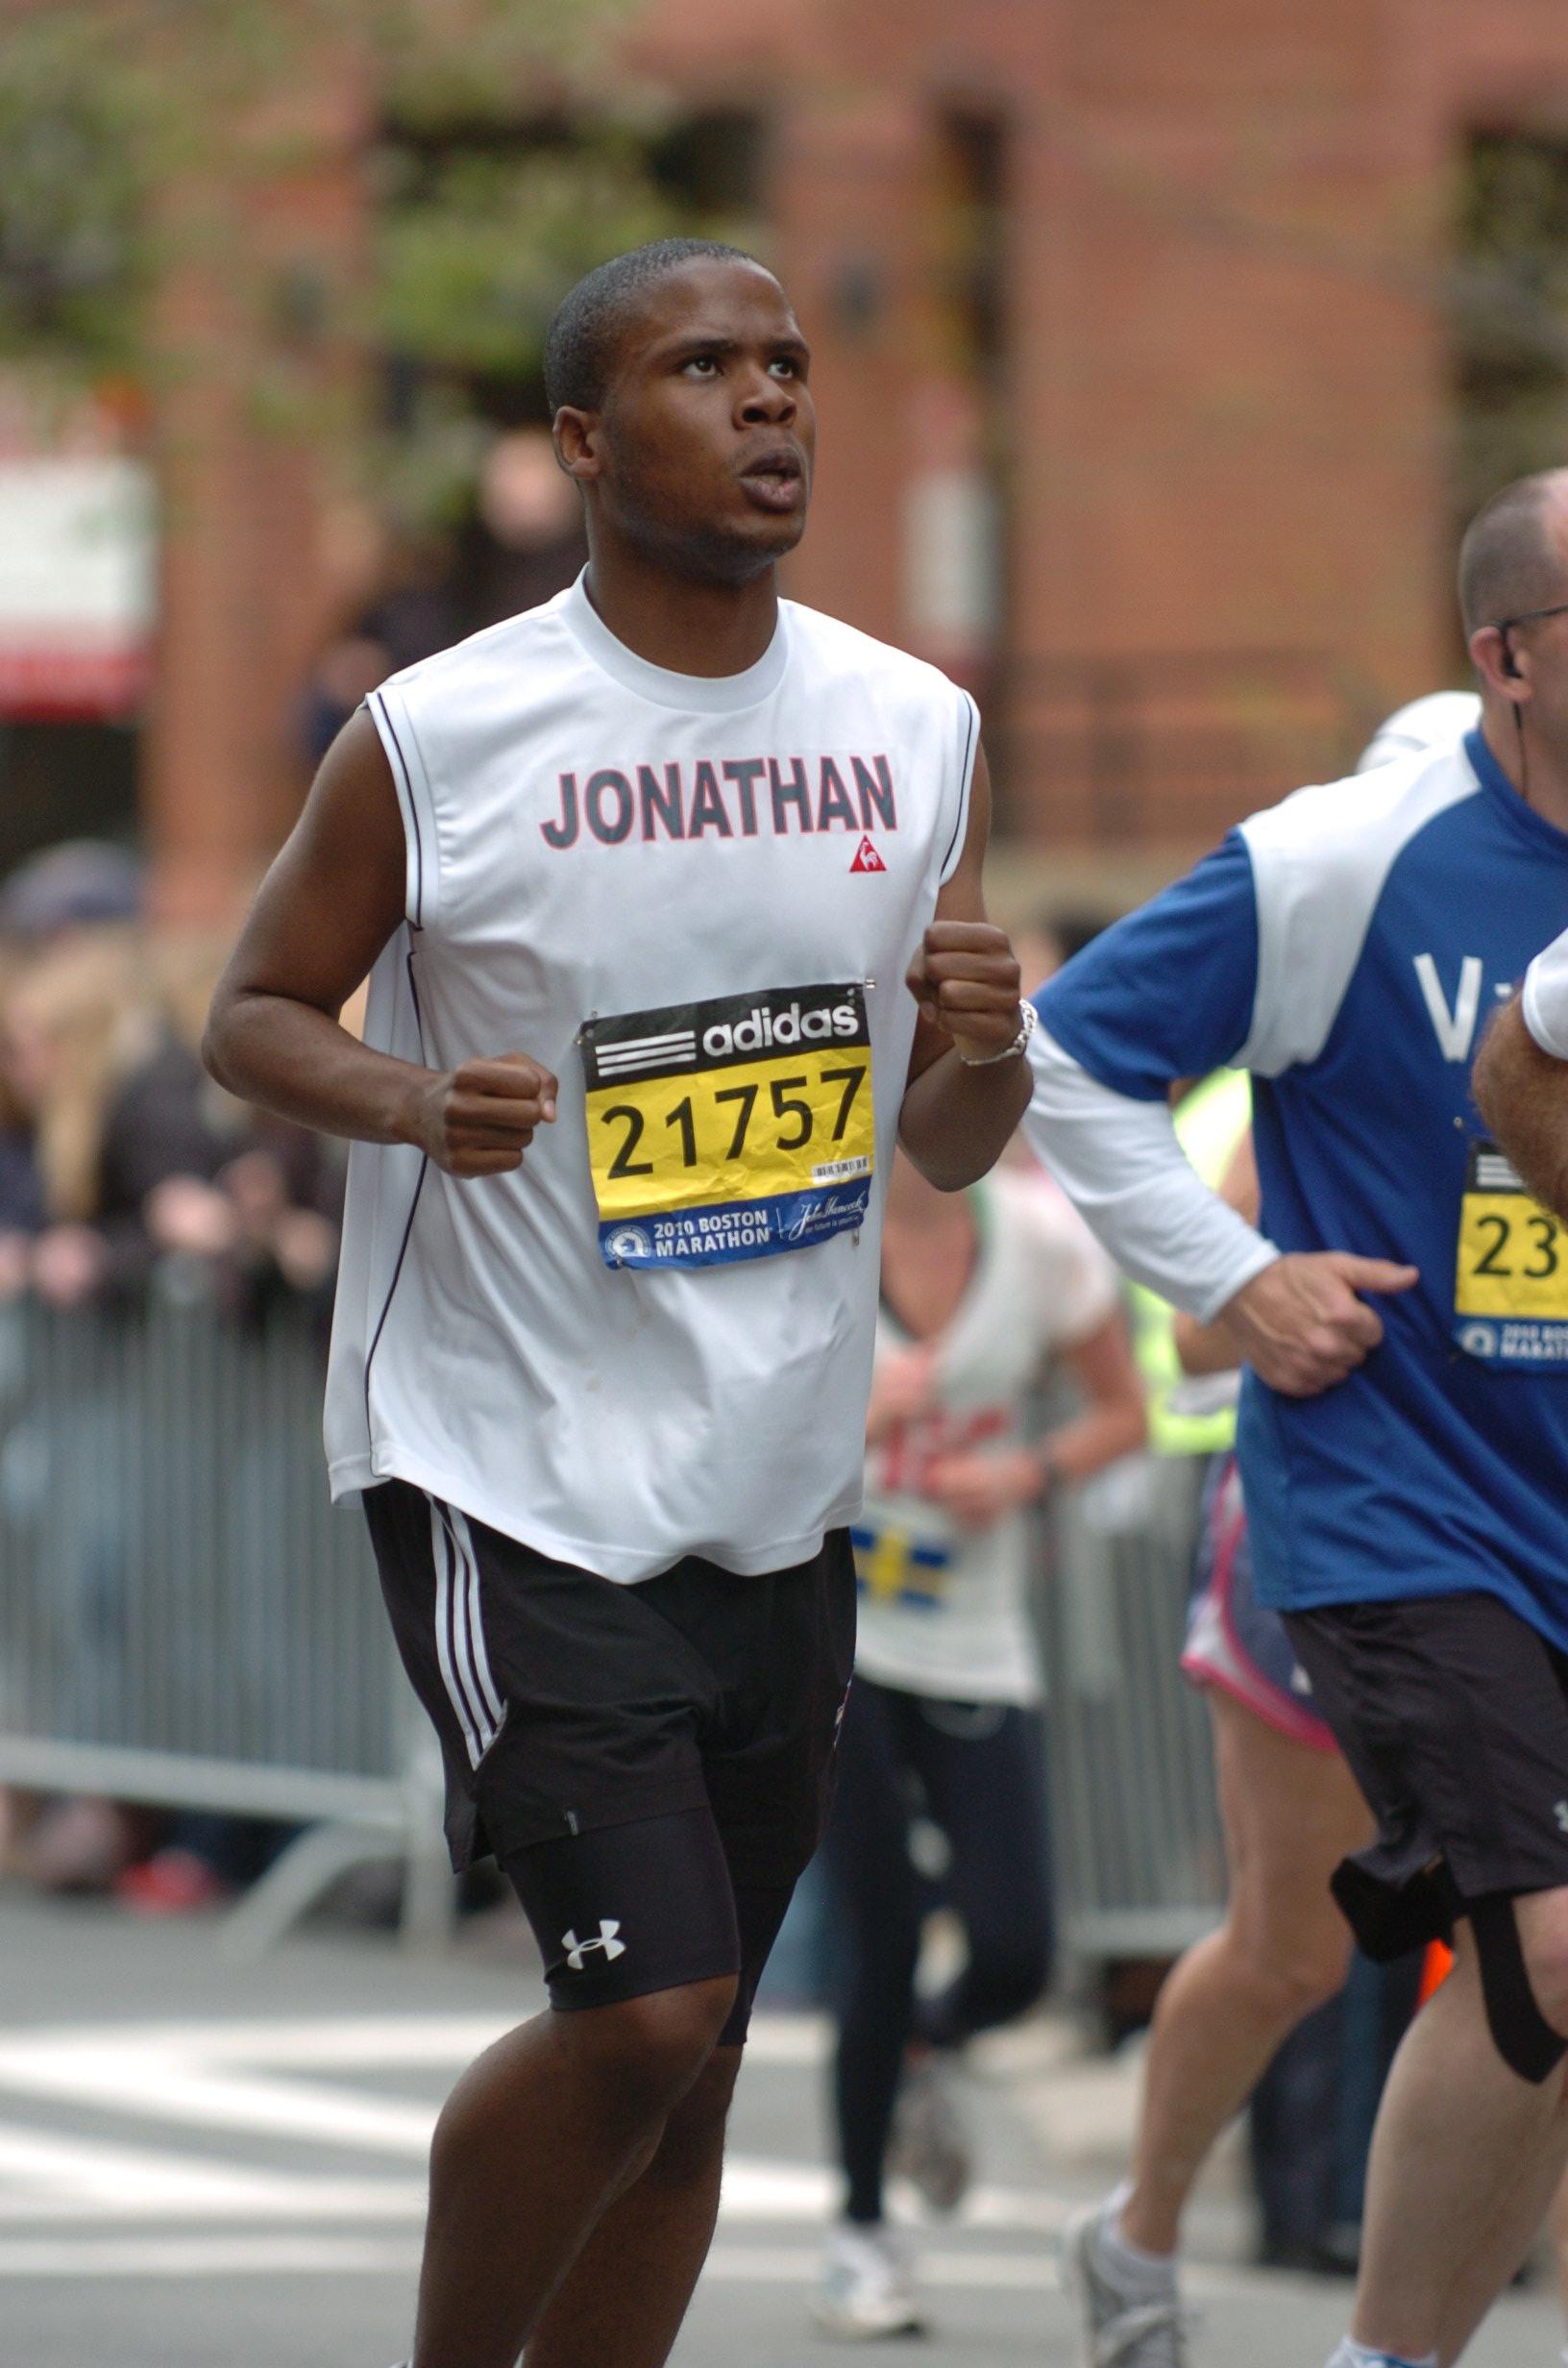 The Boston Marathon 2010